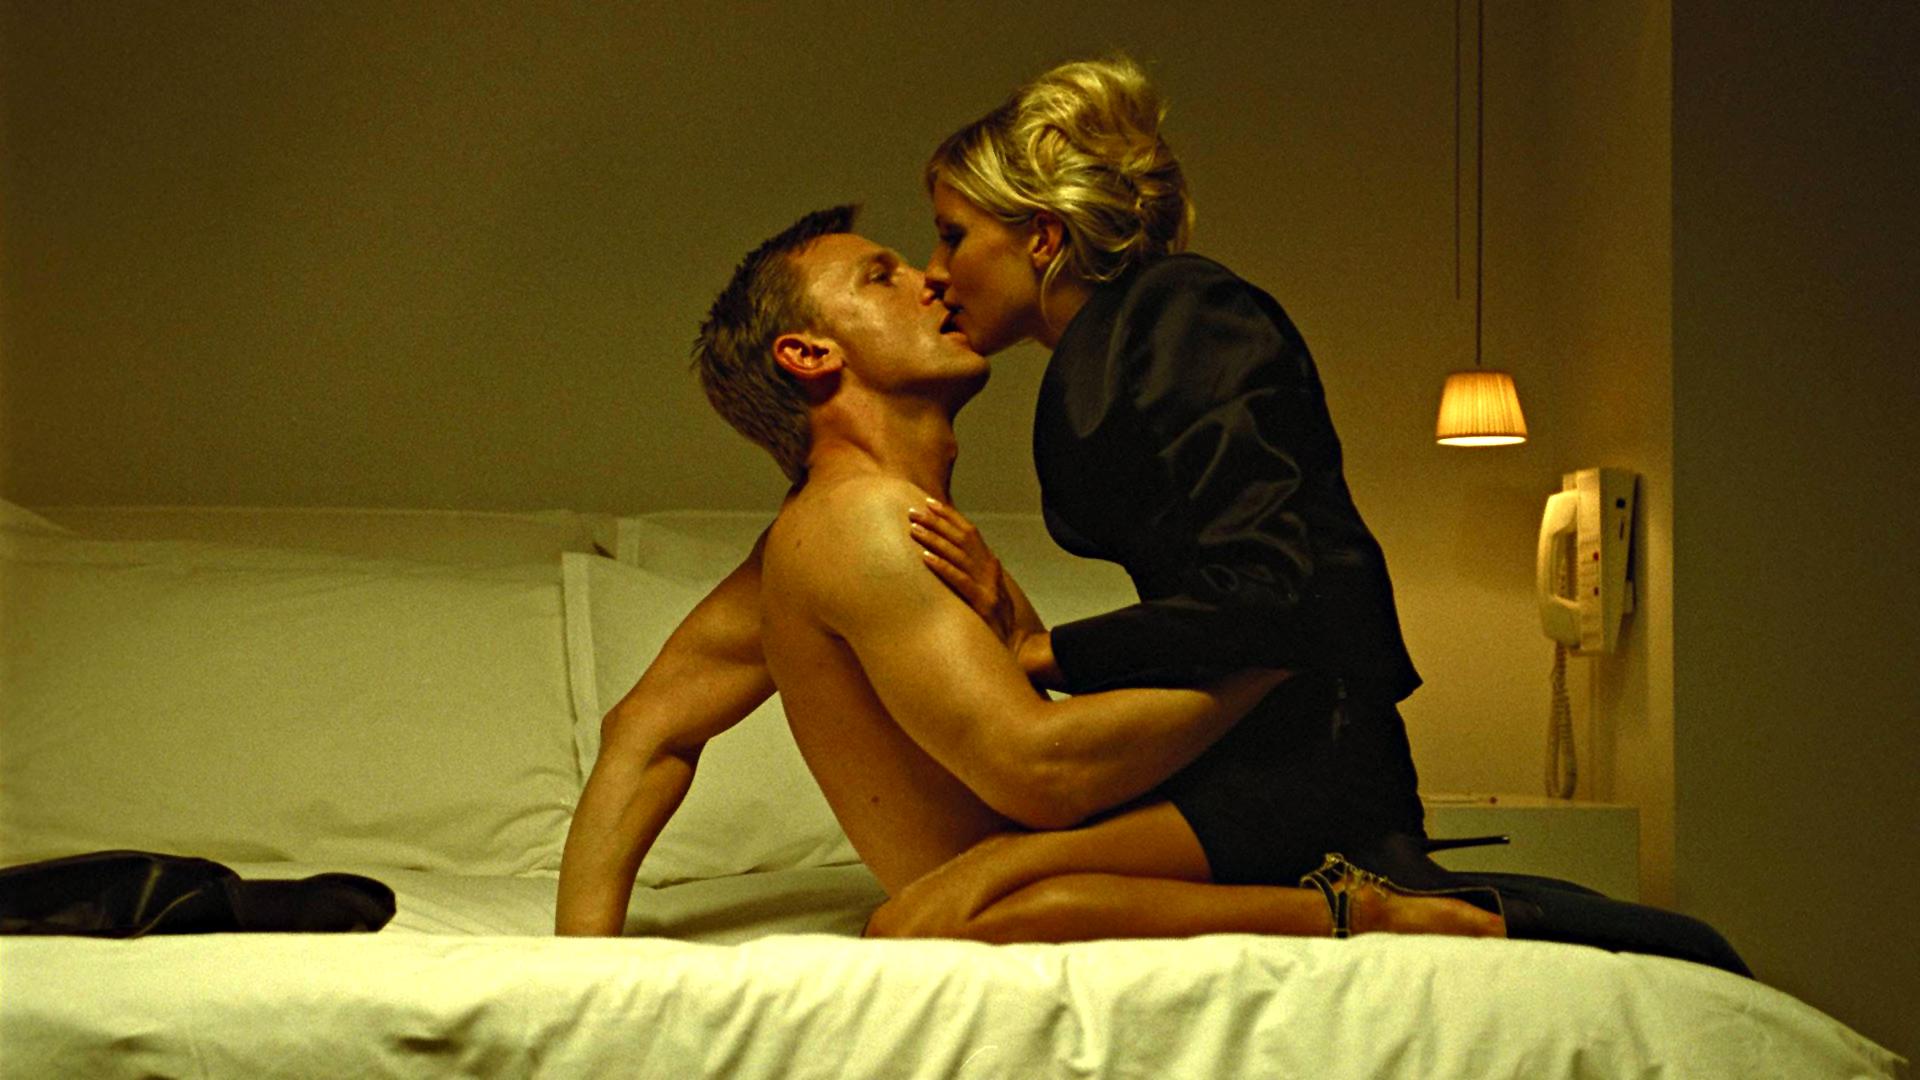 Erotic movies for men